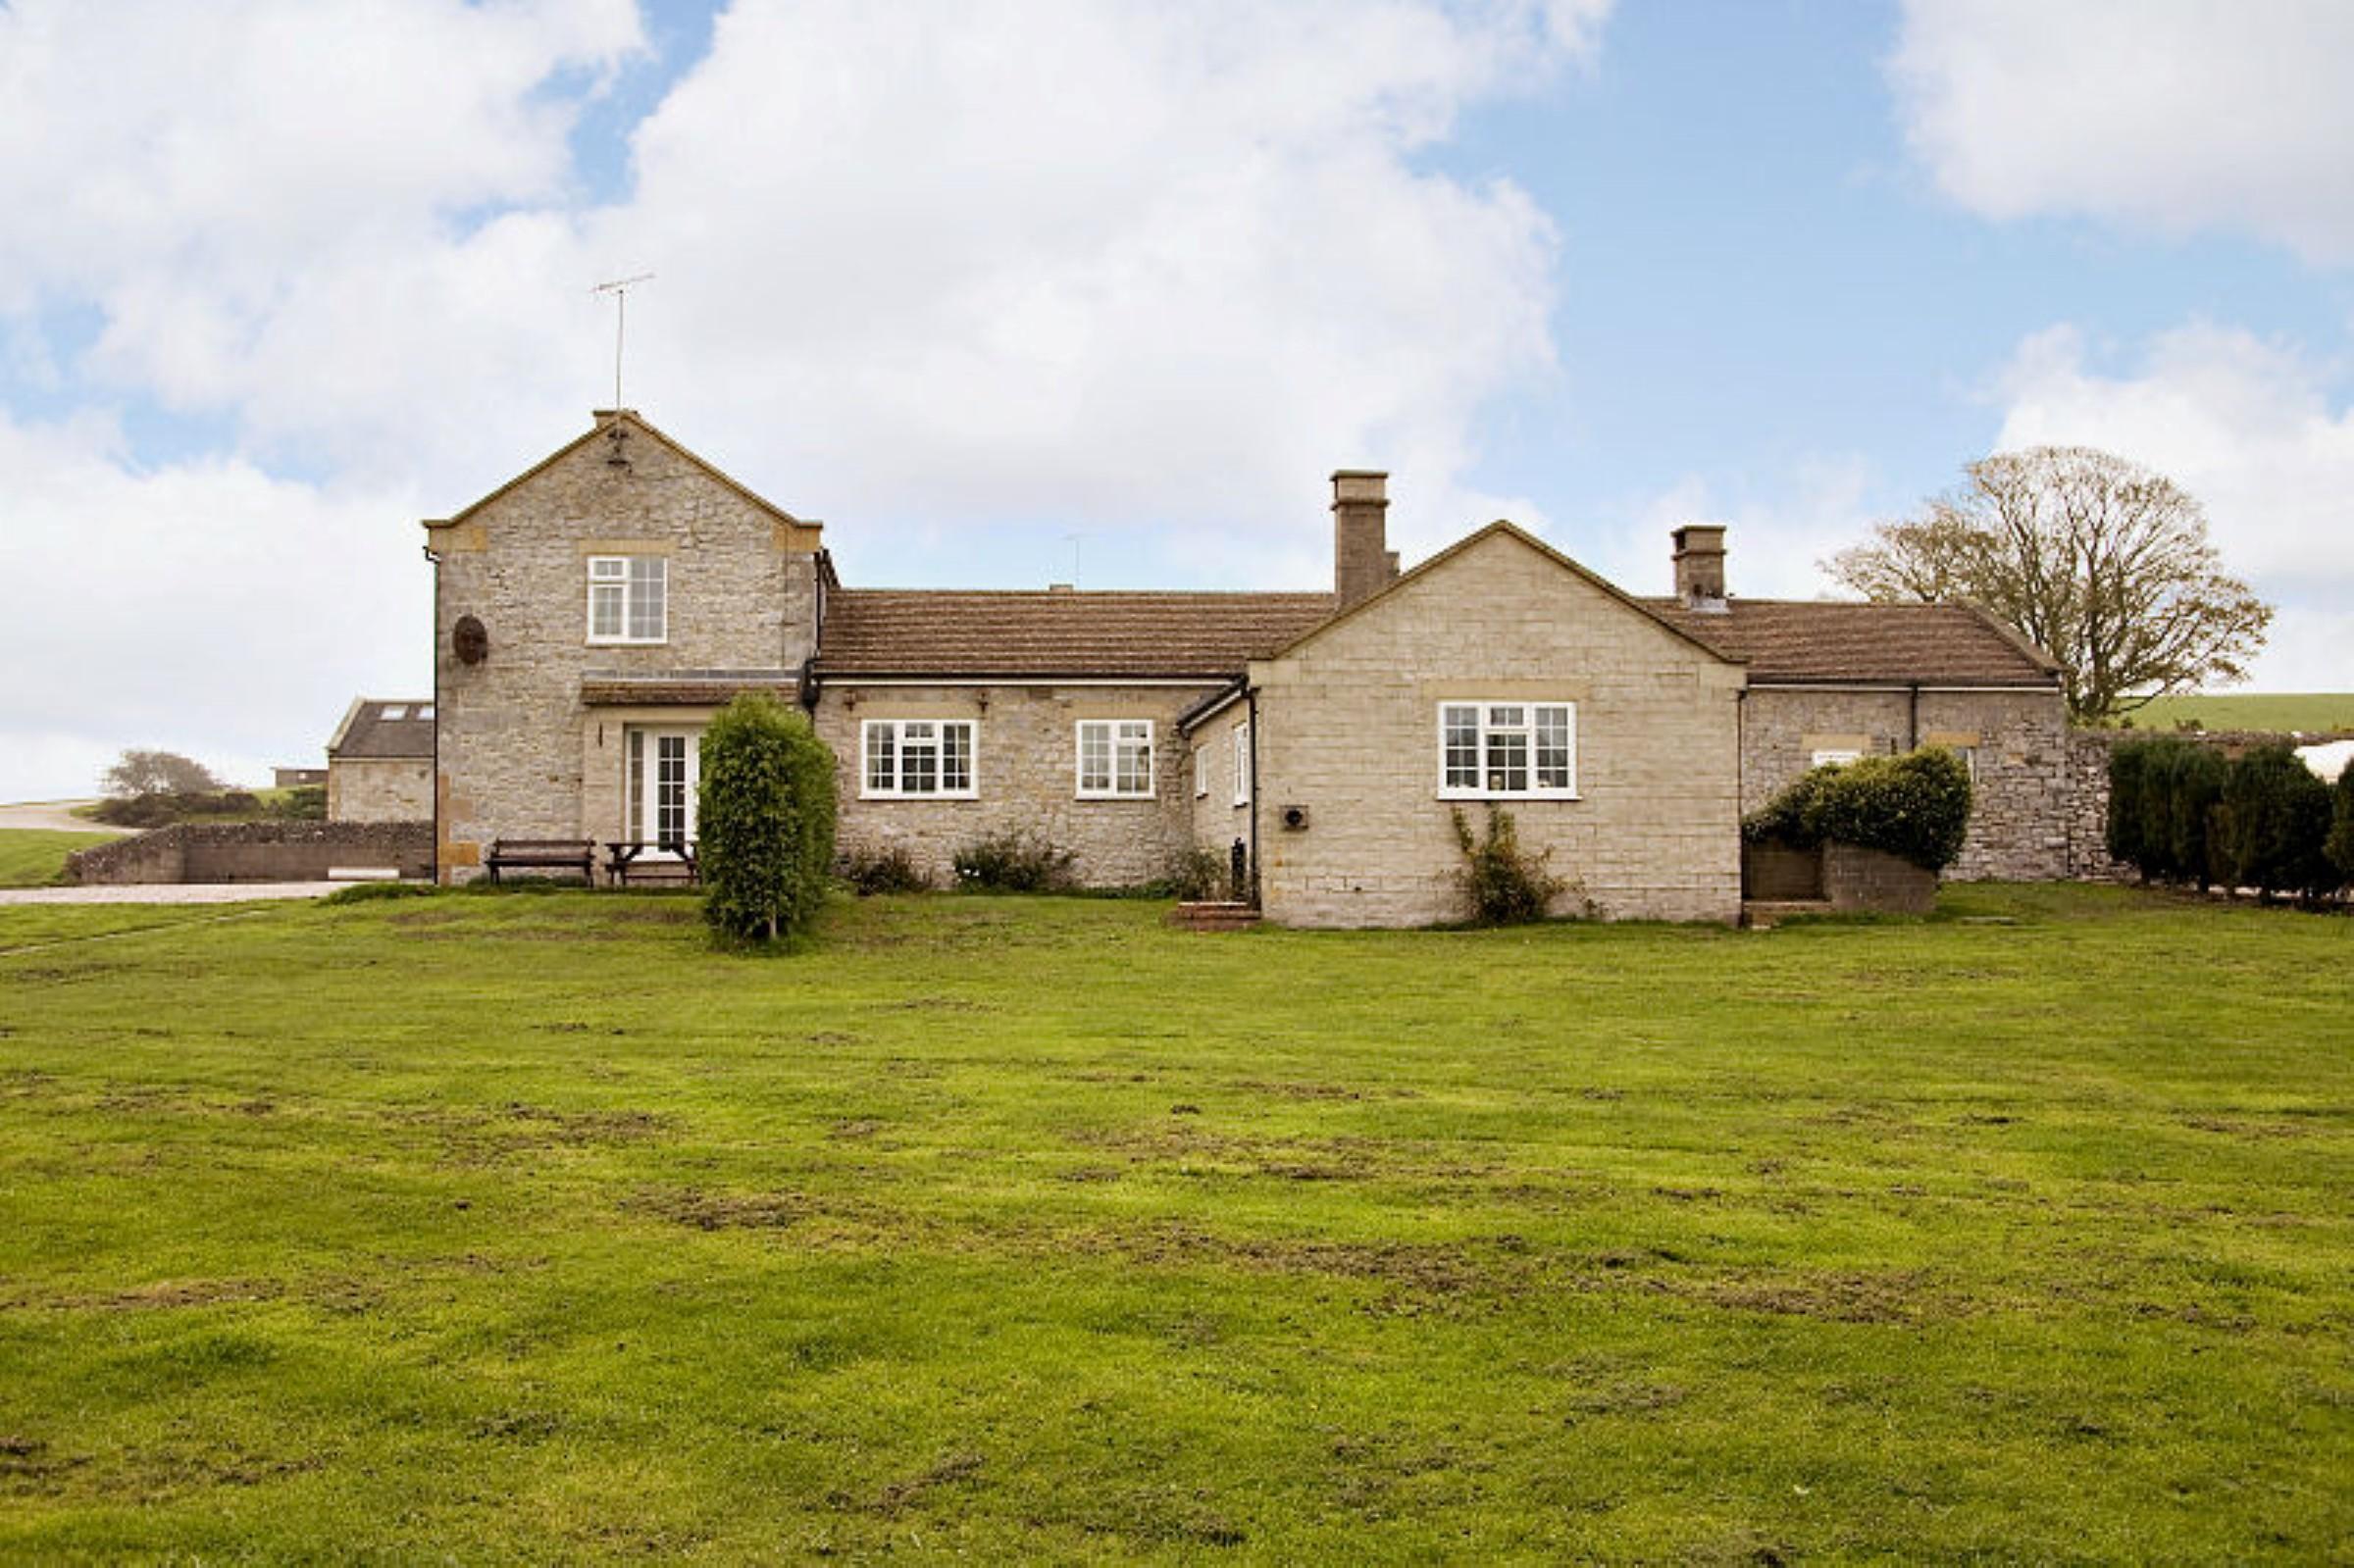 一戸建て のために 売買 アット Peak District National Park Alstonefield Ashbourne Peak District, イギリス, DE62FT イギリス